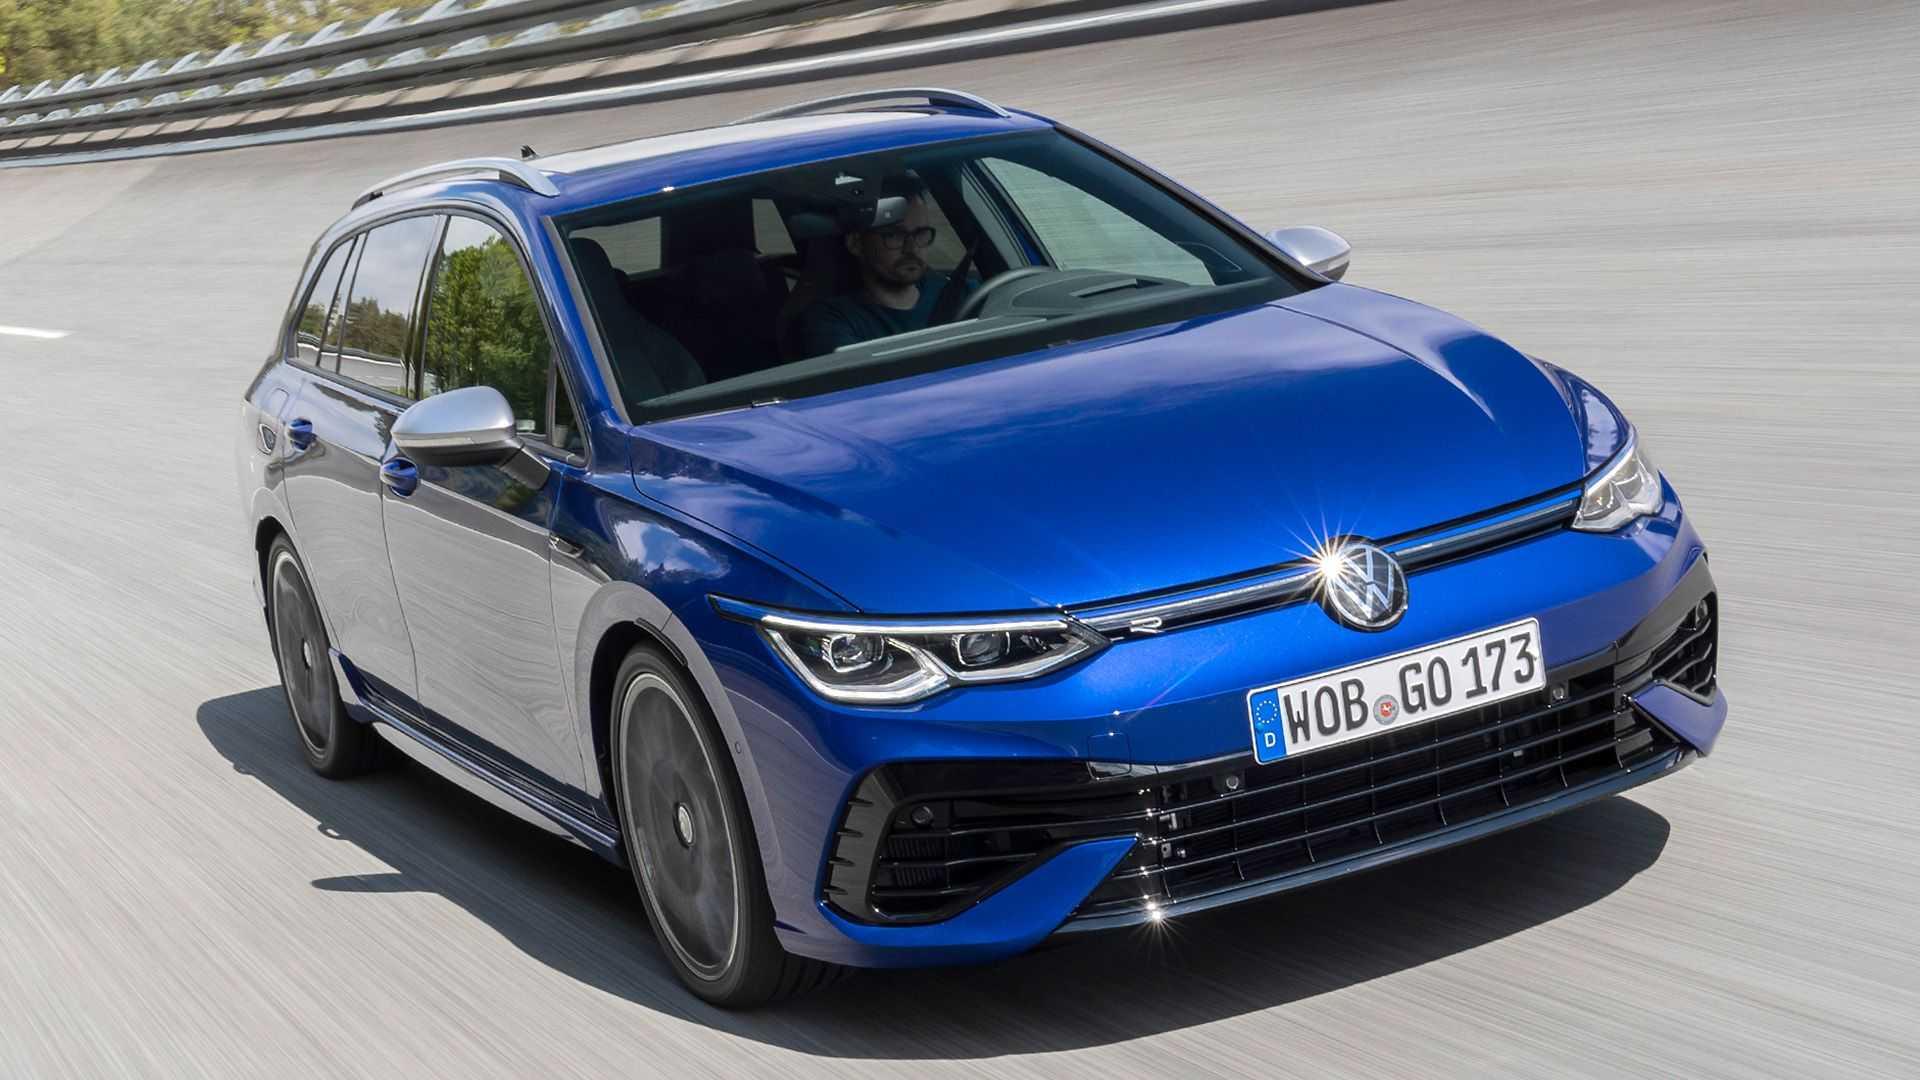 Nuevo Volkswagen Golf R Variant 2021: carrocería familiar, motor de 320 CV… y modo Drift